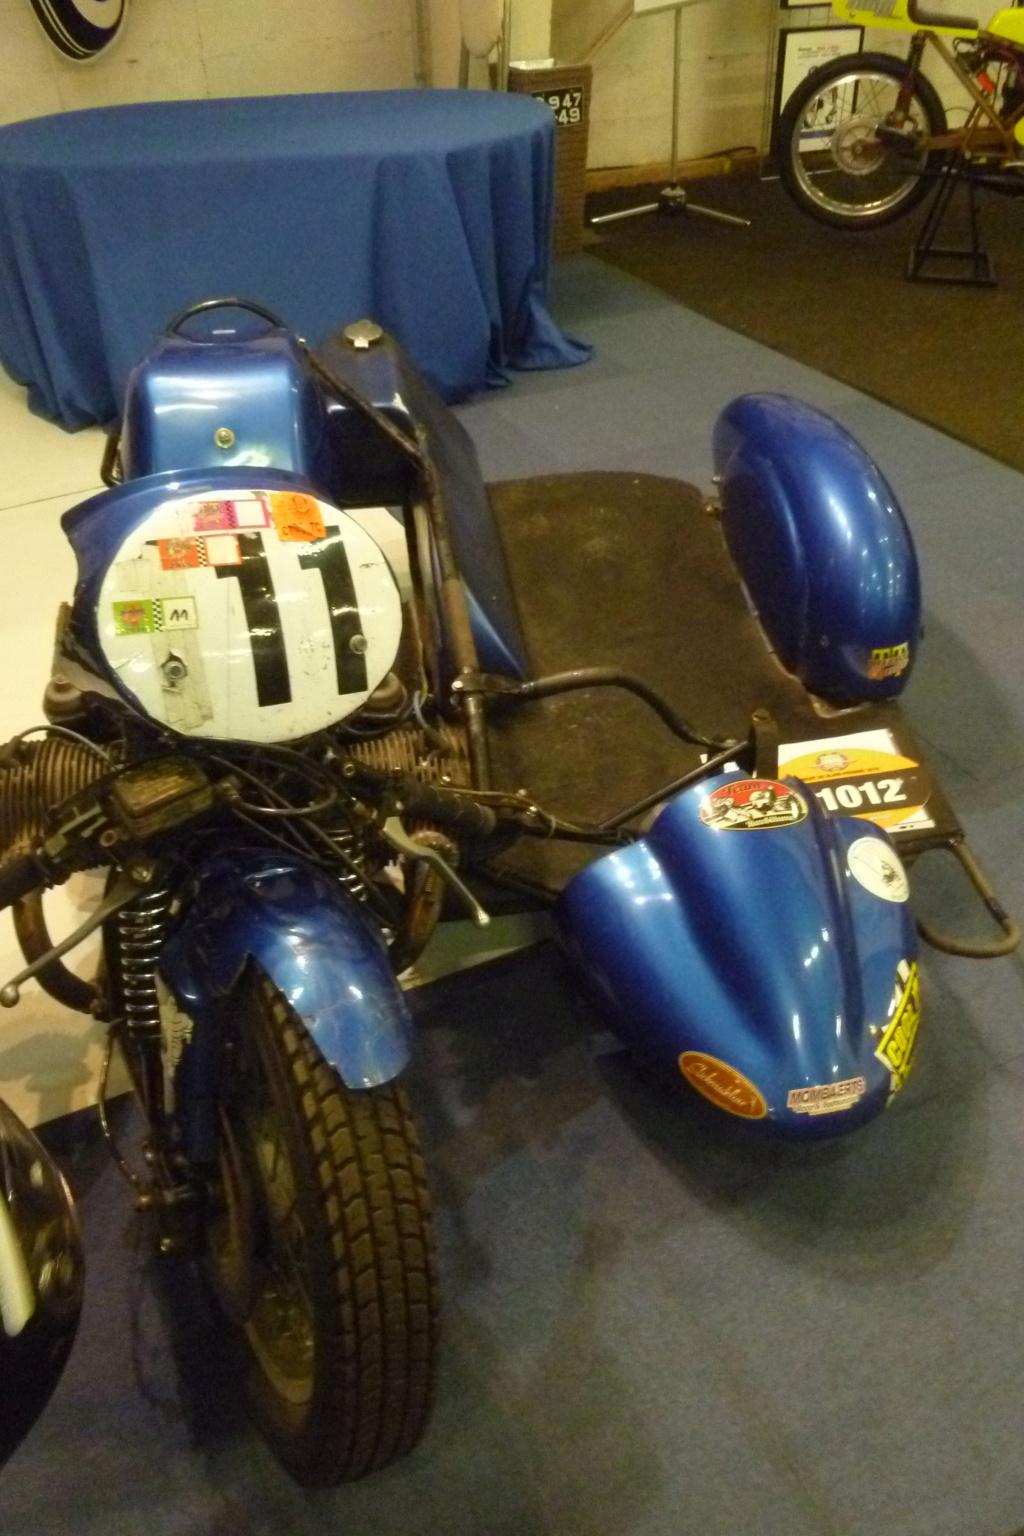 MOTOS - SOLEX - VELOS - SCOOTERS - CYCLES DE TOUTES ESPECES  - Page 4 Moto_213